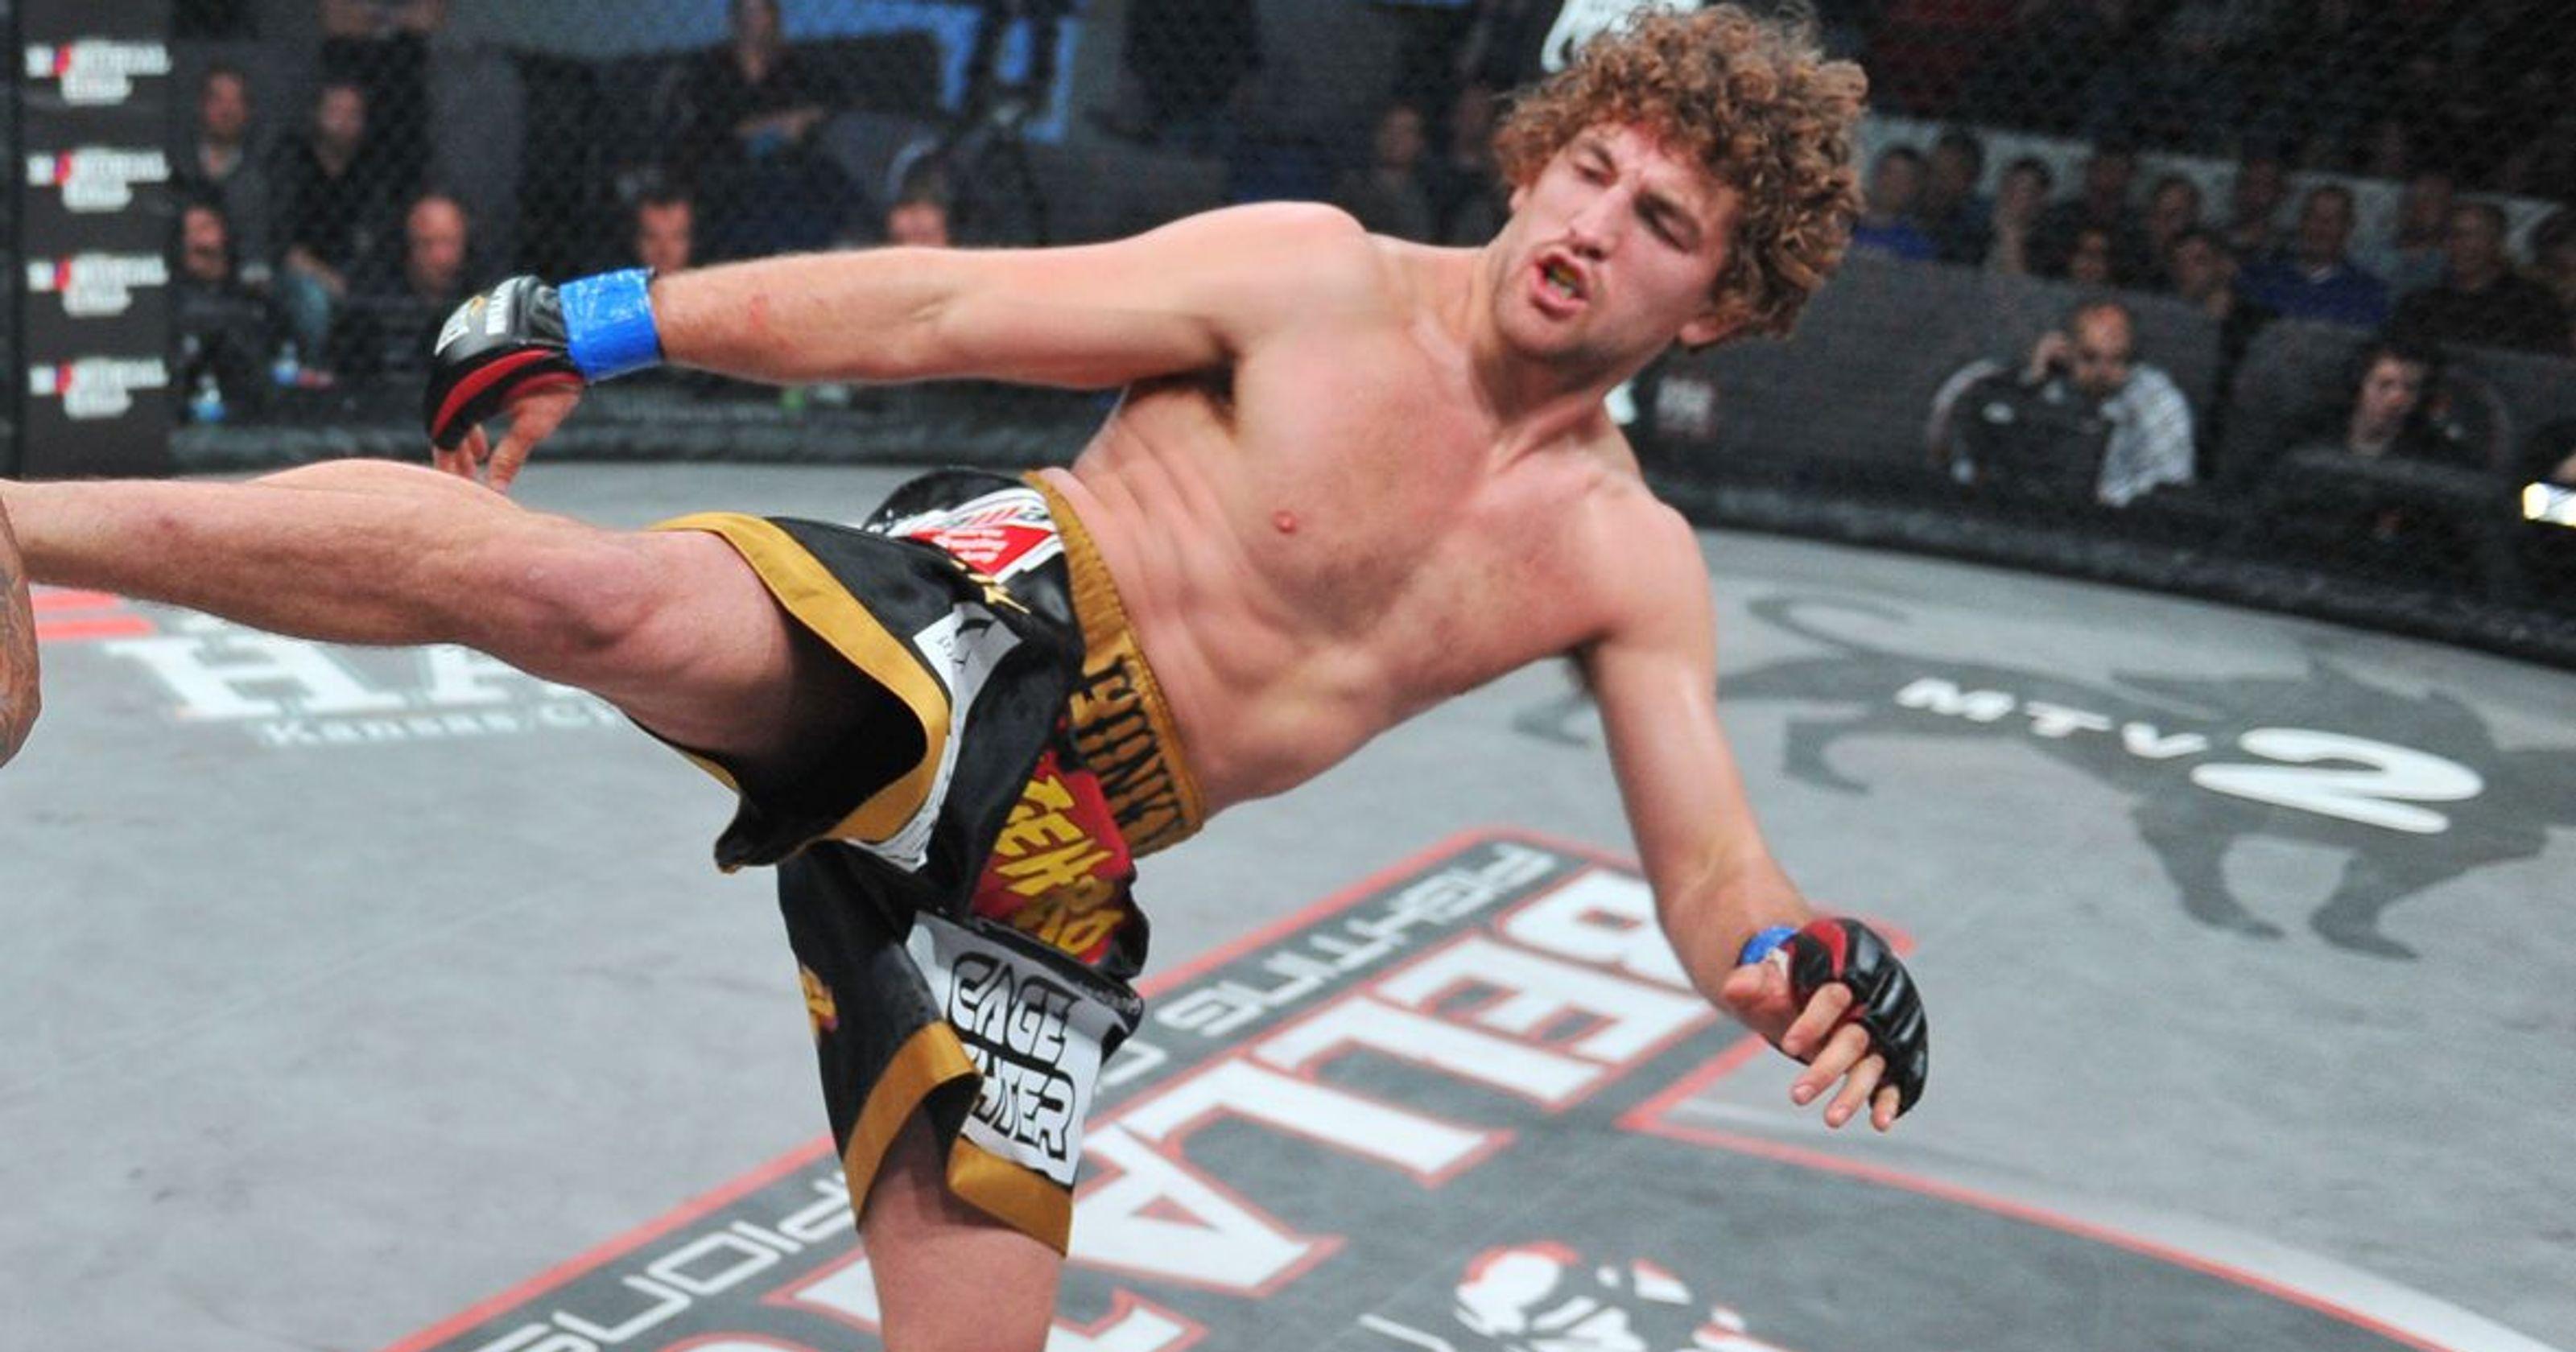 UFC's Twitter account trolls undefeated welterweight Ben Askren - Ben Askren